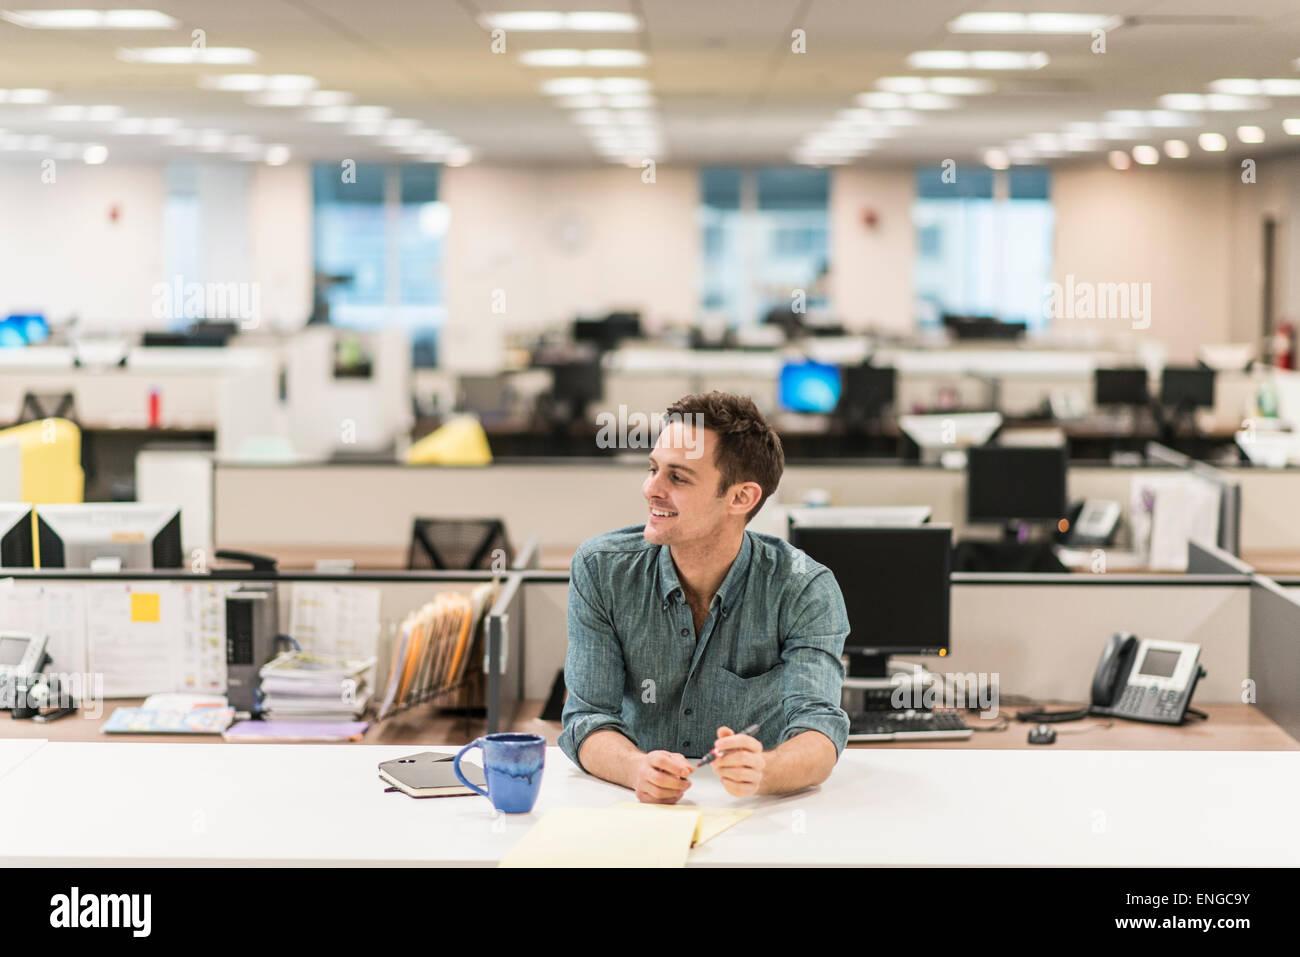 Un jeune homme assis à un bureau dans un bureau. Photo Stock